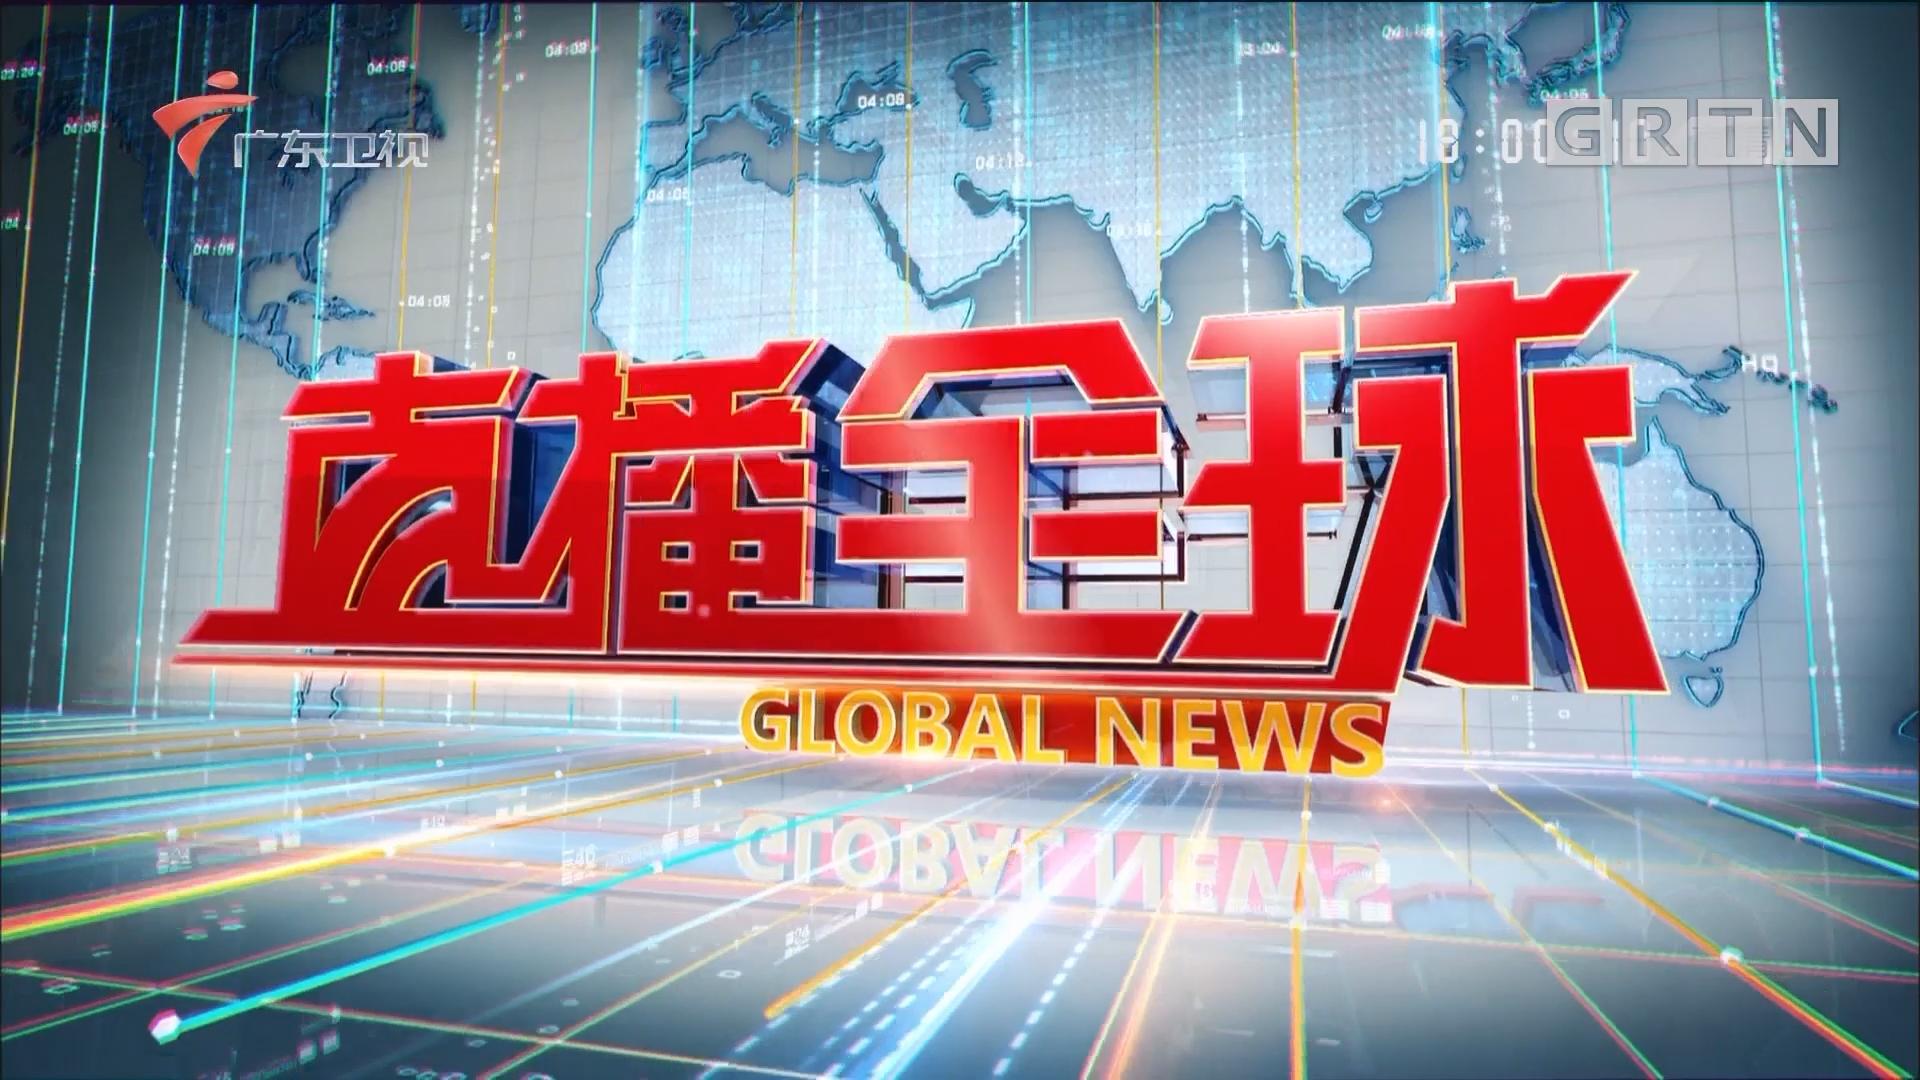 [HD][2018-01-01]直播全球:习近平新年贺词中的外交关键词 引领全球化方向:中国方案时代强音